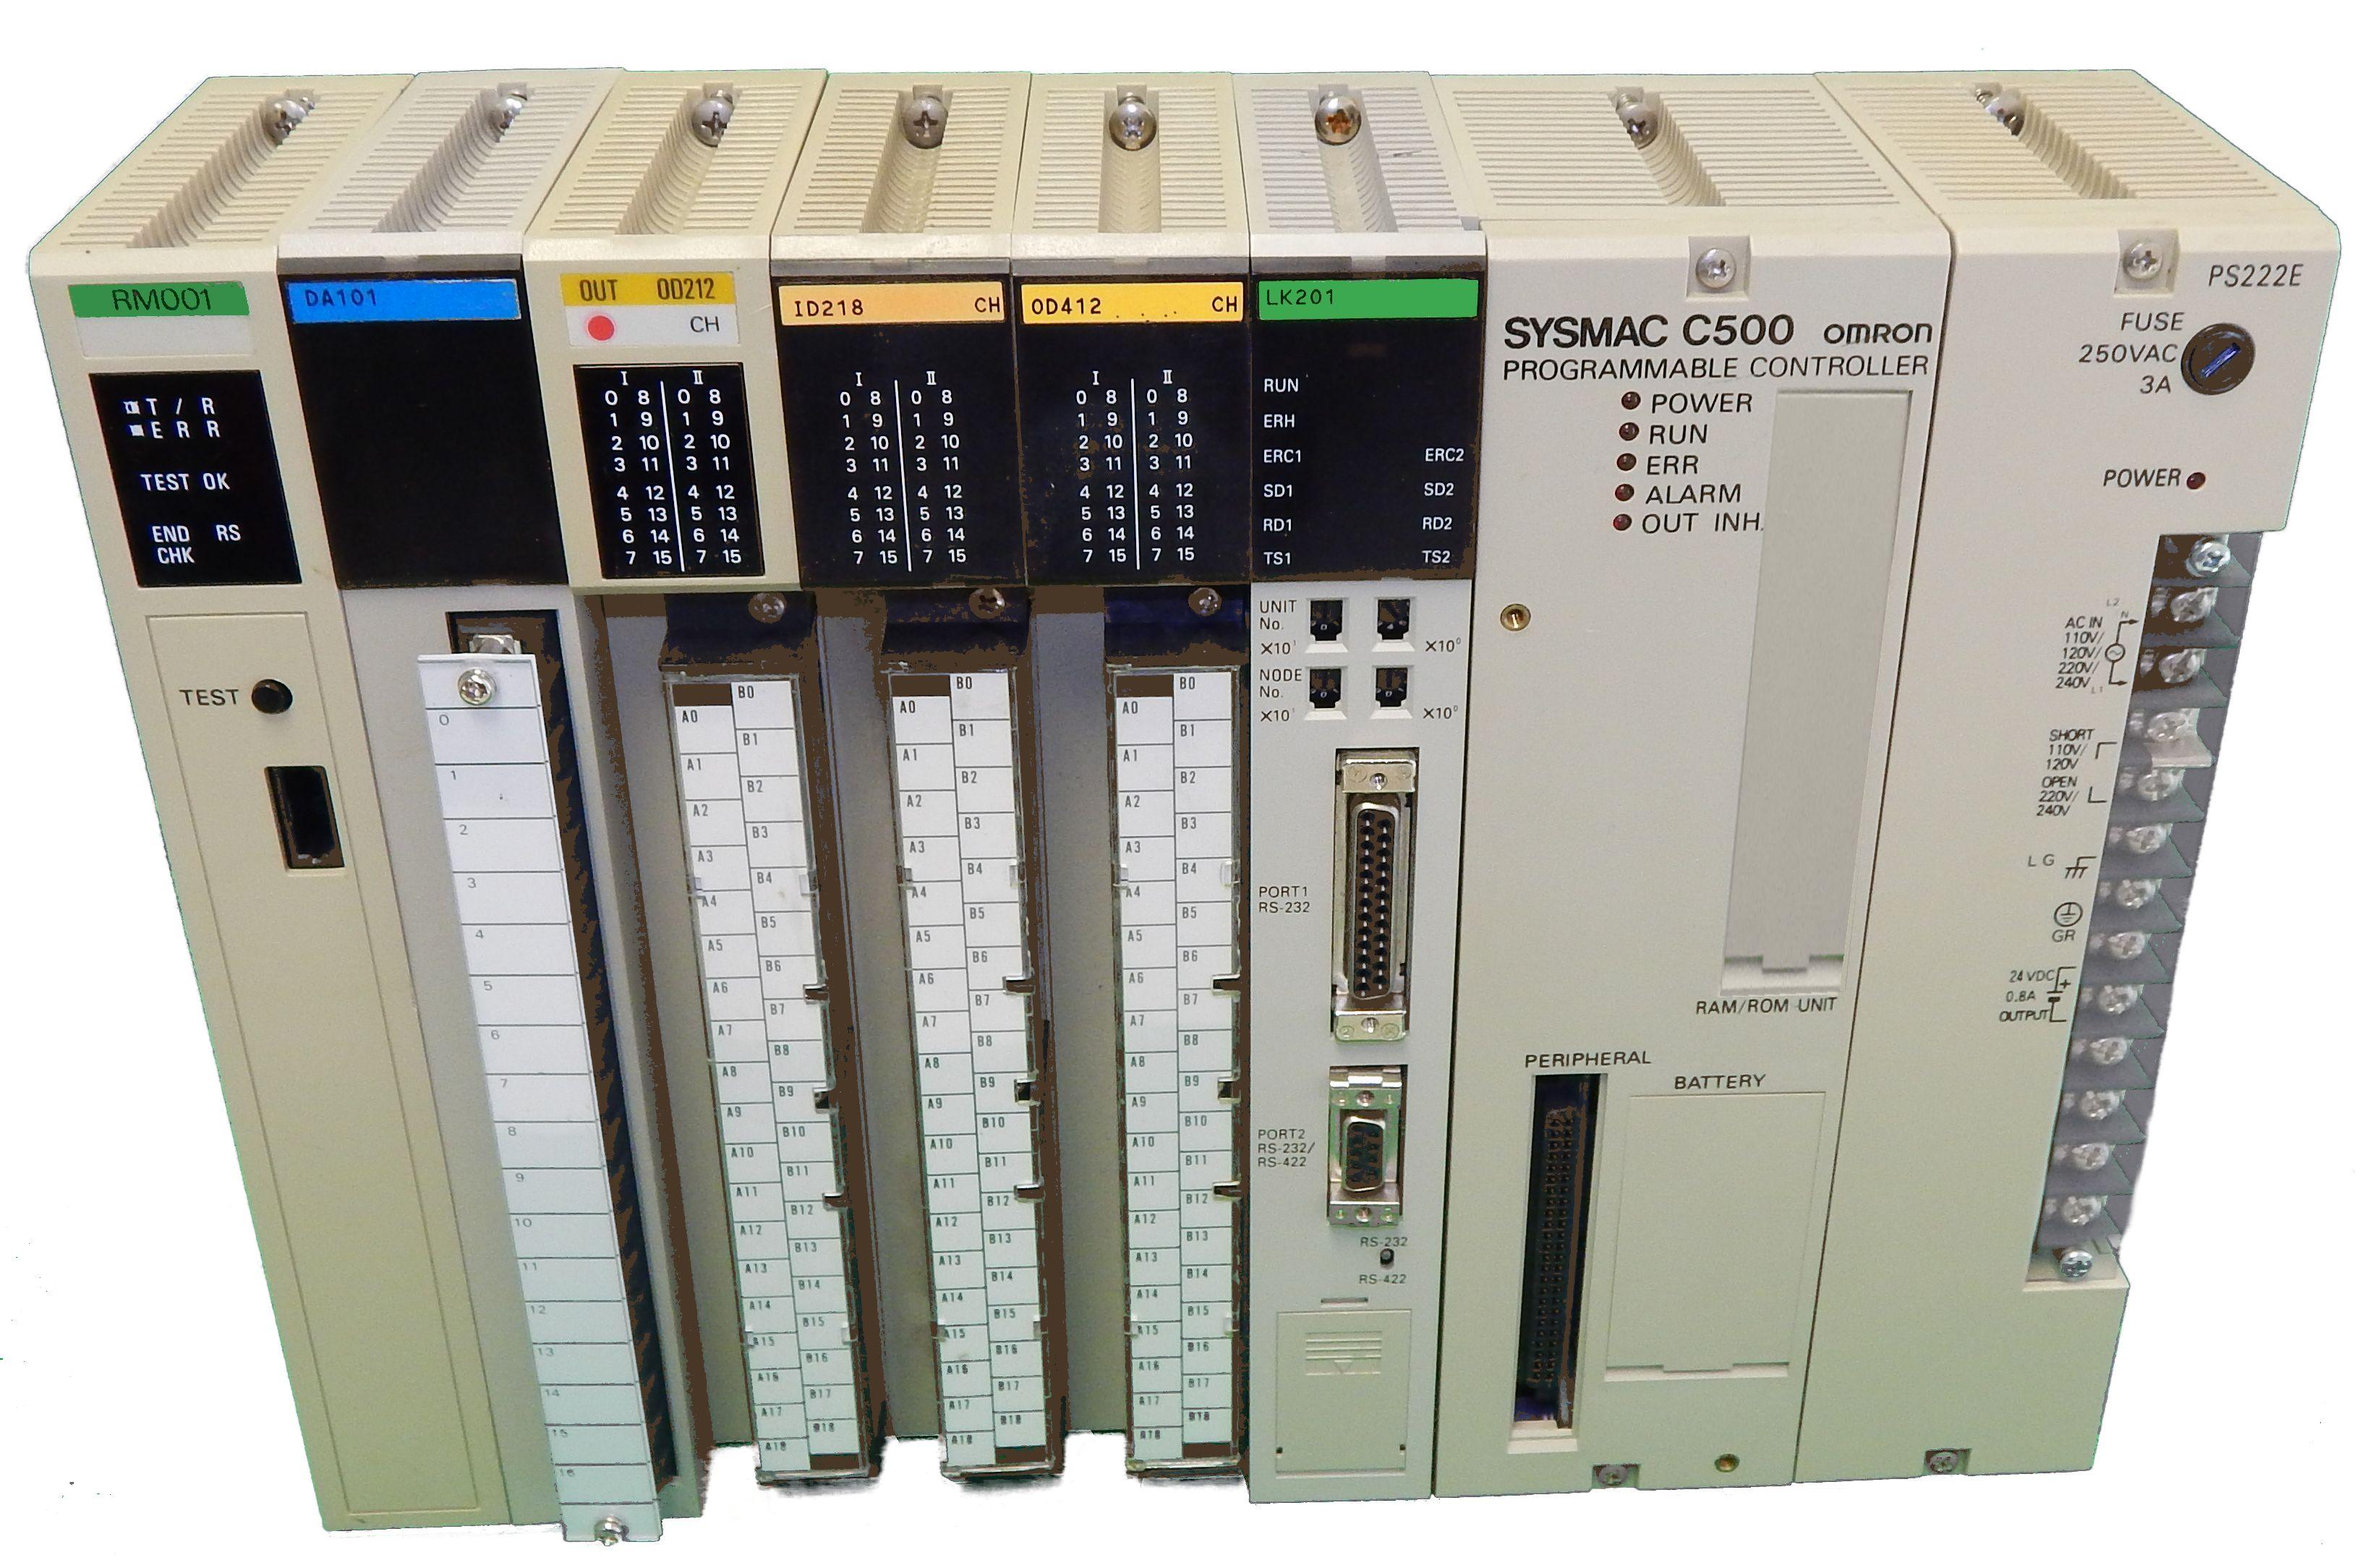 3G2A5-LK010-E